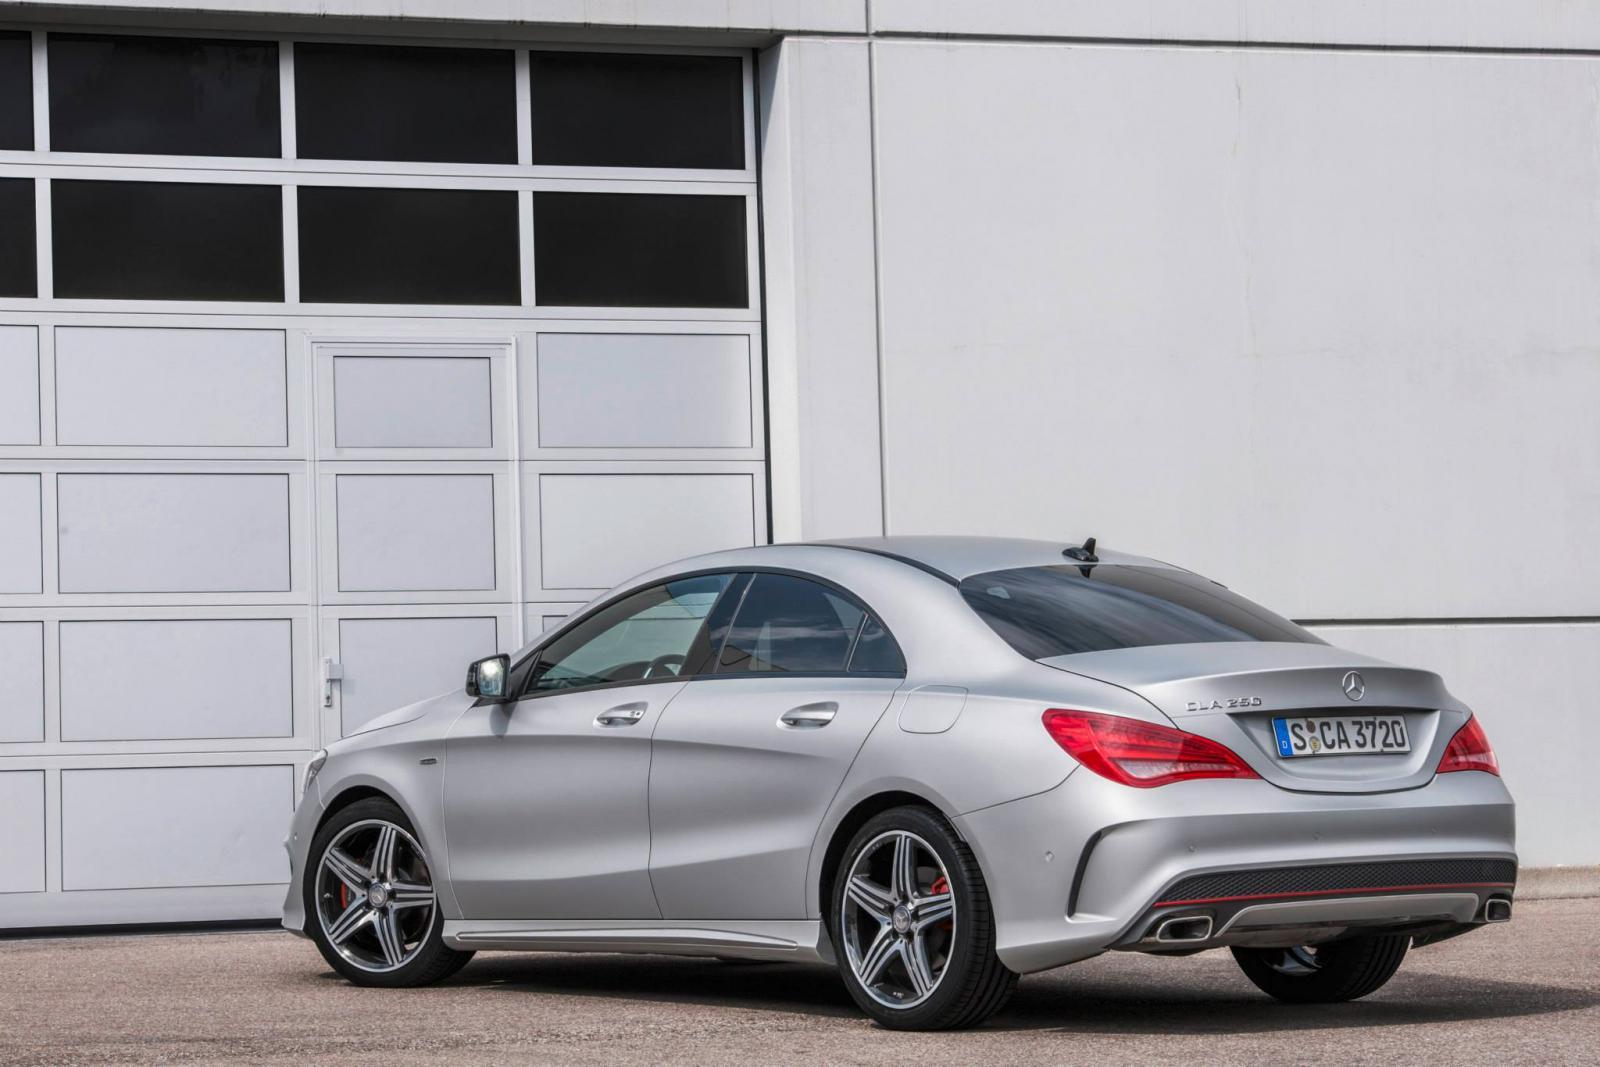 http://images.caradisiac.com/images/9/0/2/2/89022/S0-Toutes-les-nouveautes-du-salon-de-Francfort-2013-Mercedes-CLA-45-AMG-Racing-Series-et-CLA-250-Sports-301617.jpg